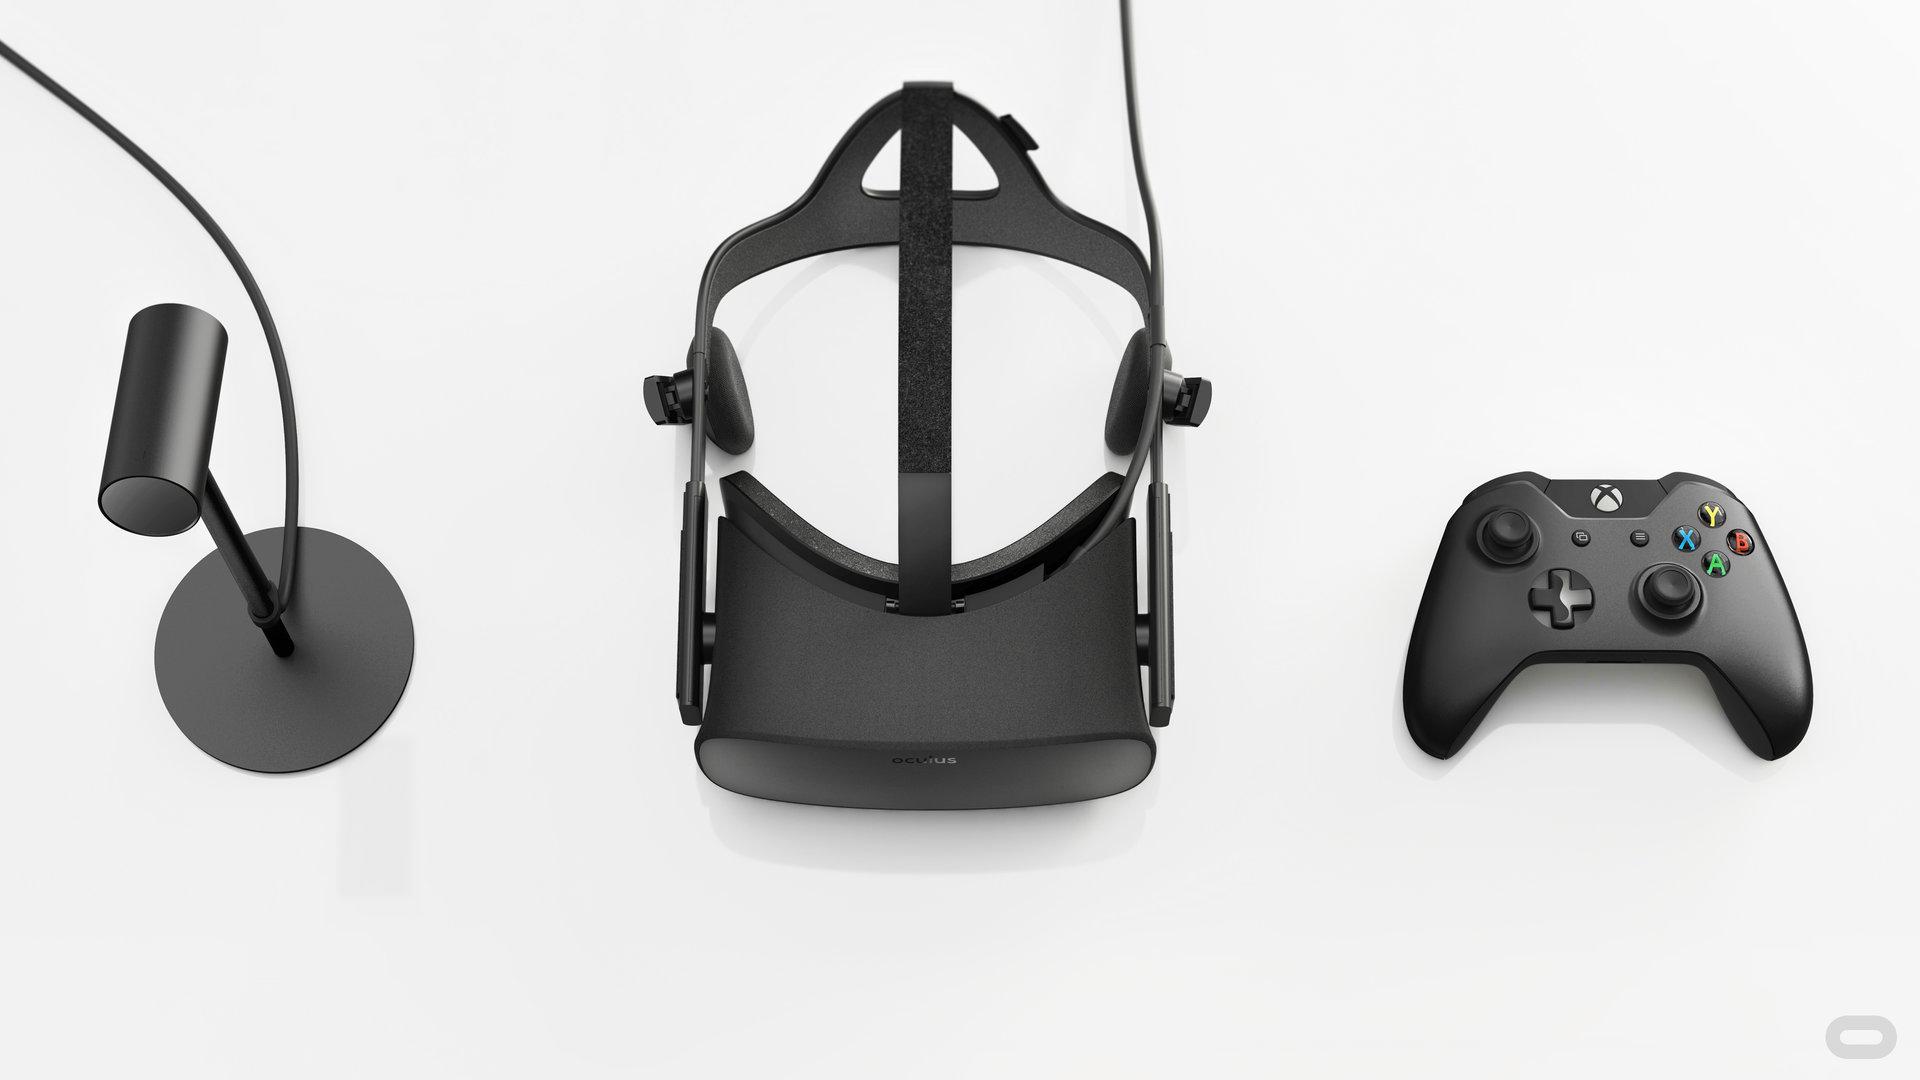 Tracking-Sensor, Oculus Rift und Controller